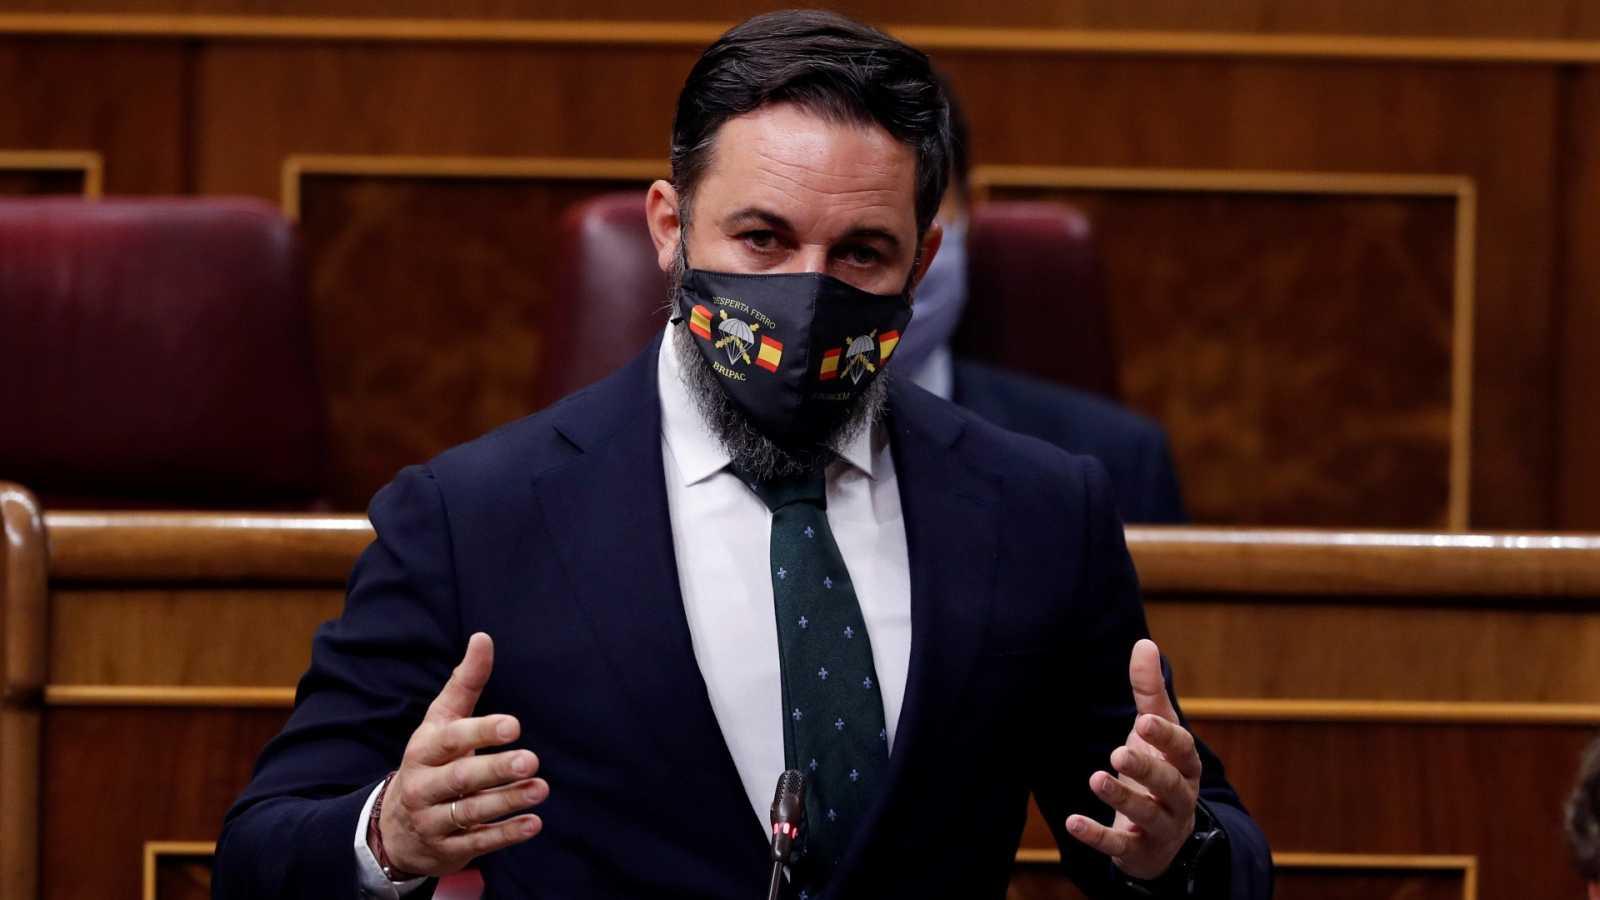 El líder de Vox, Santiago Abascal, durante una intervención en el Congreso.